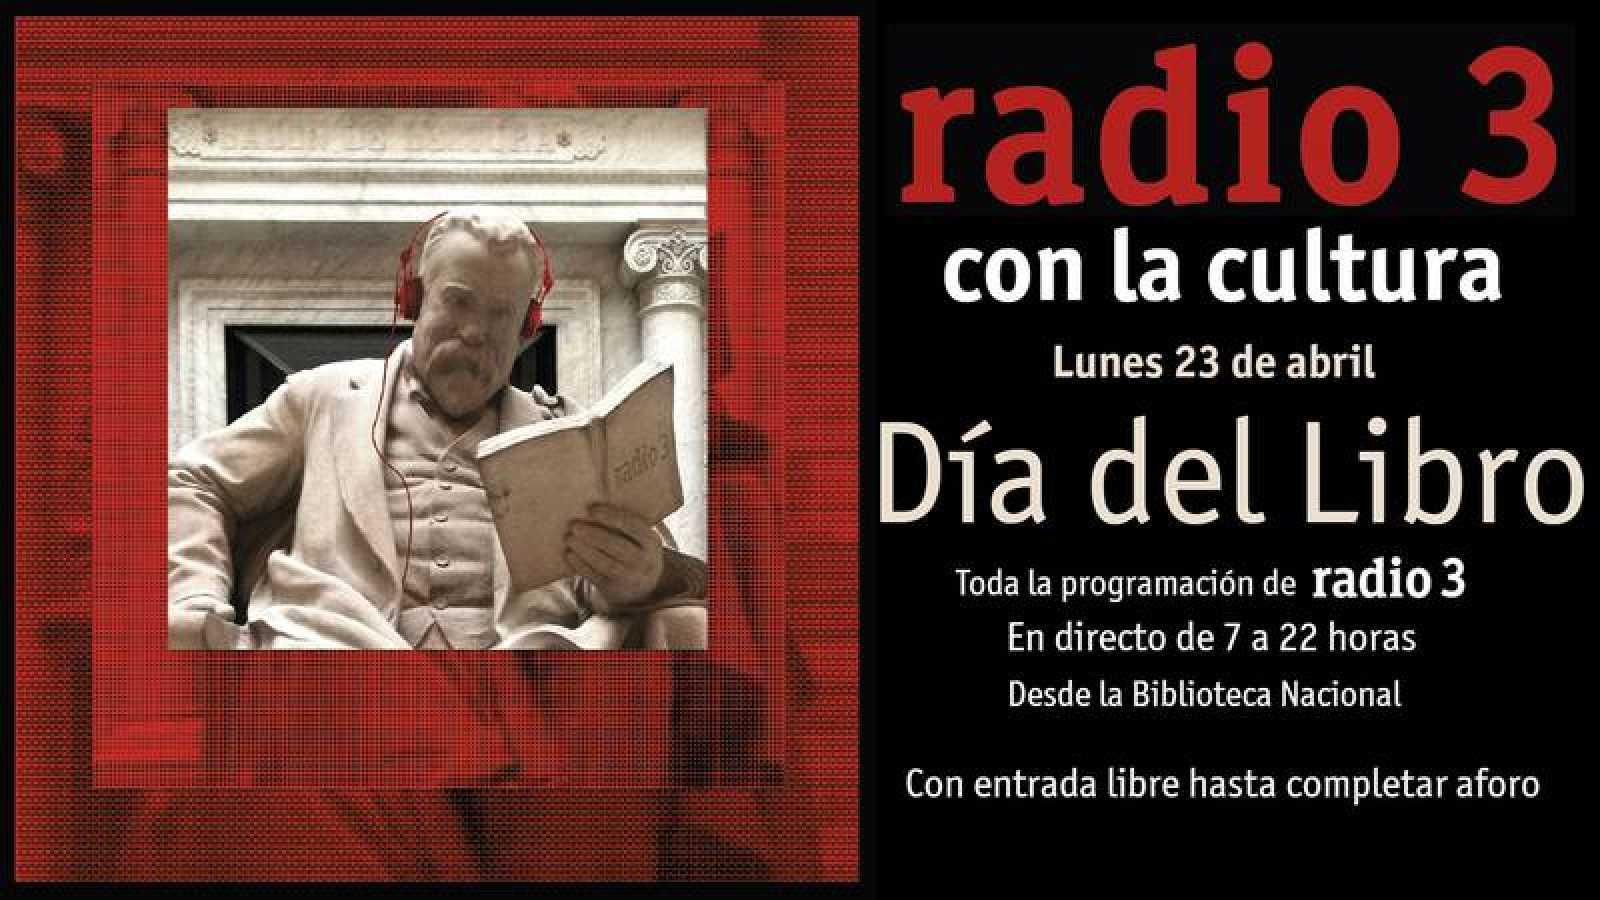 Cultura, libros y la mejor música en directo, el lunes 23 de abril en la Biblioteca Nacional